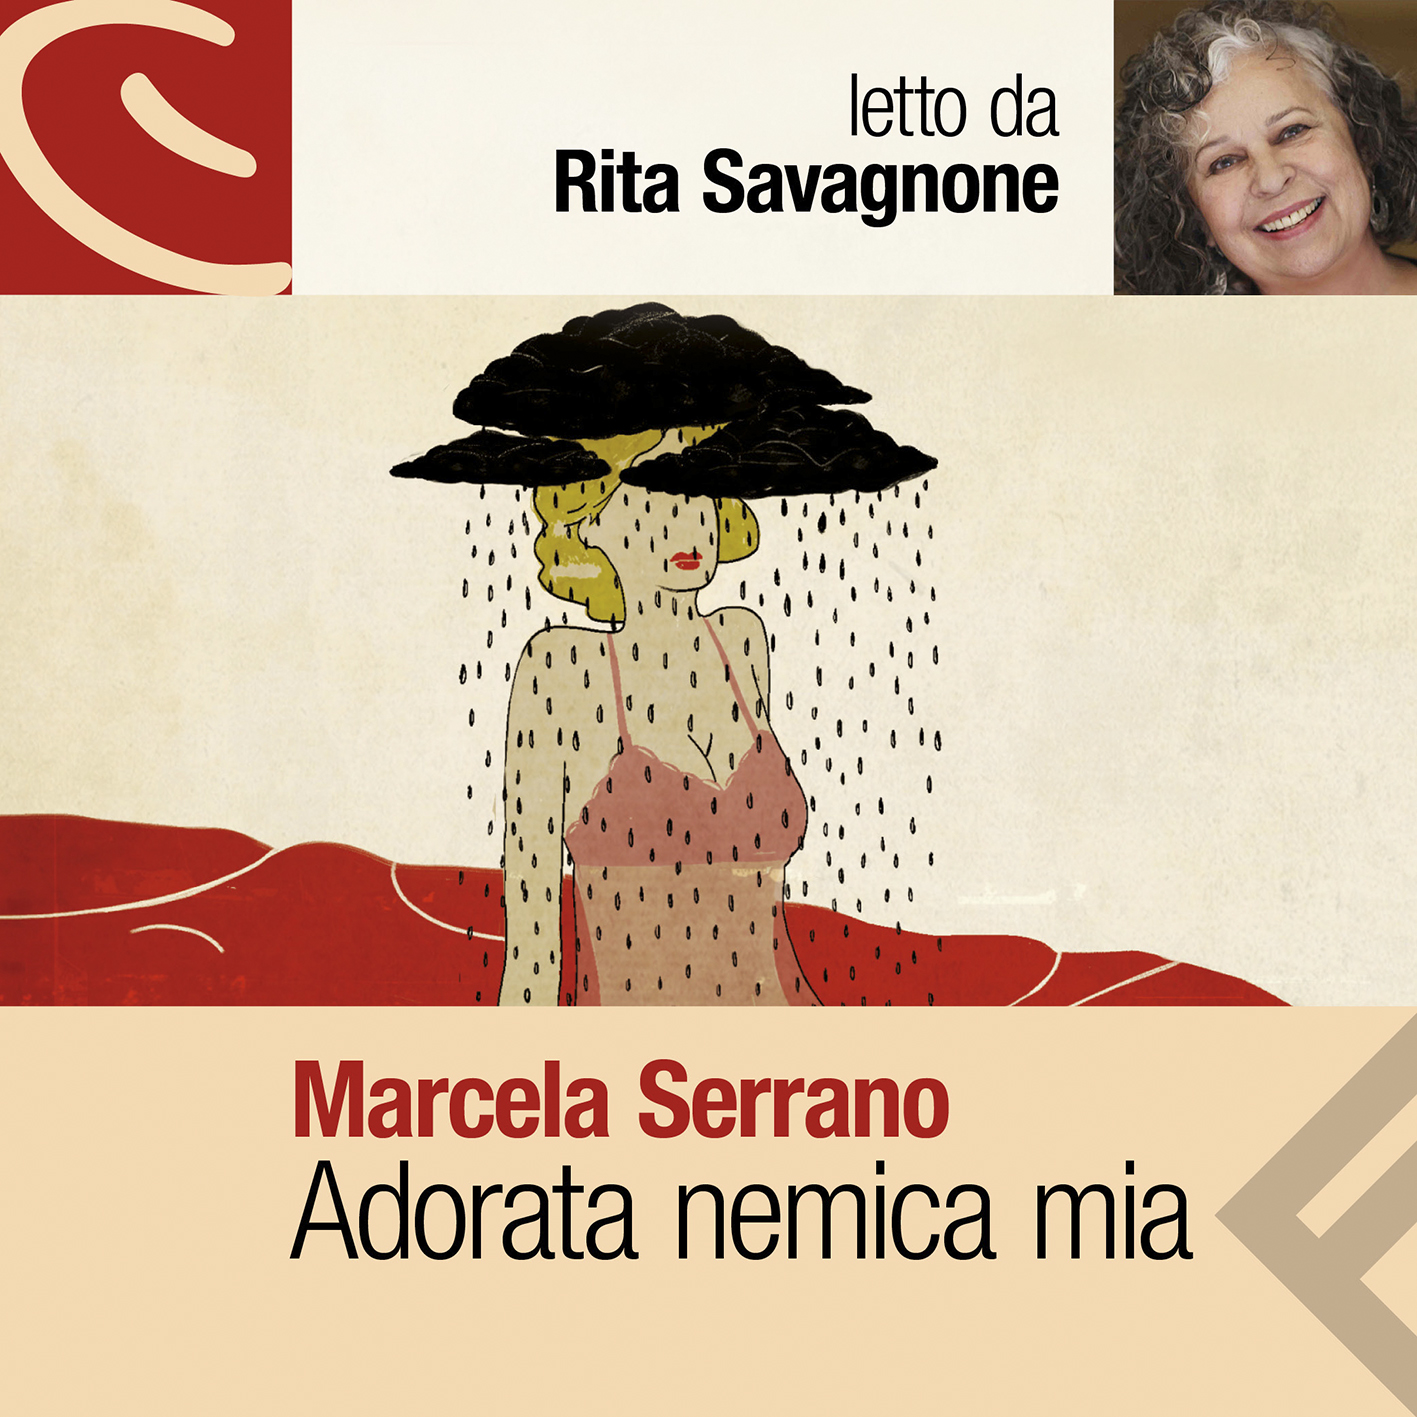 Adorata nemica mia letto da Rita Savagnone.-0